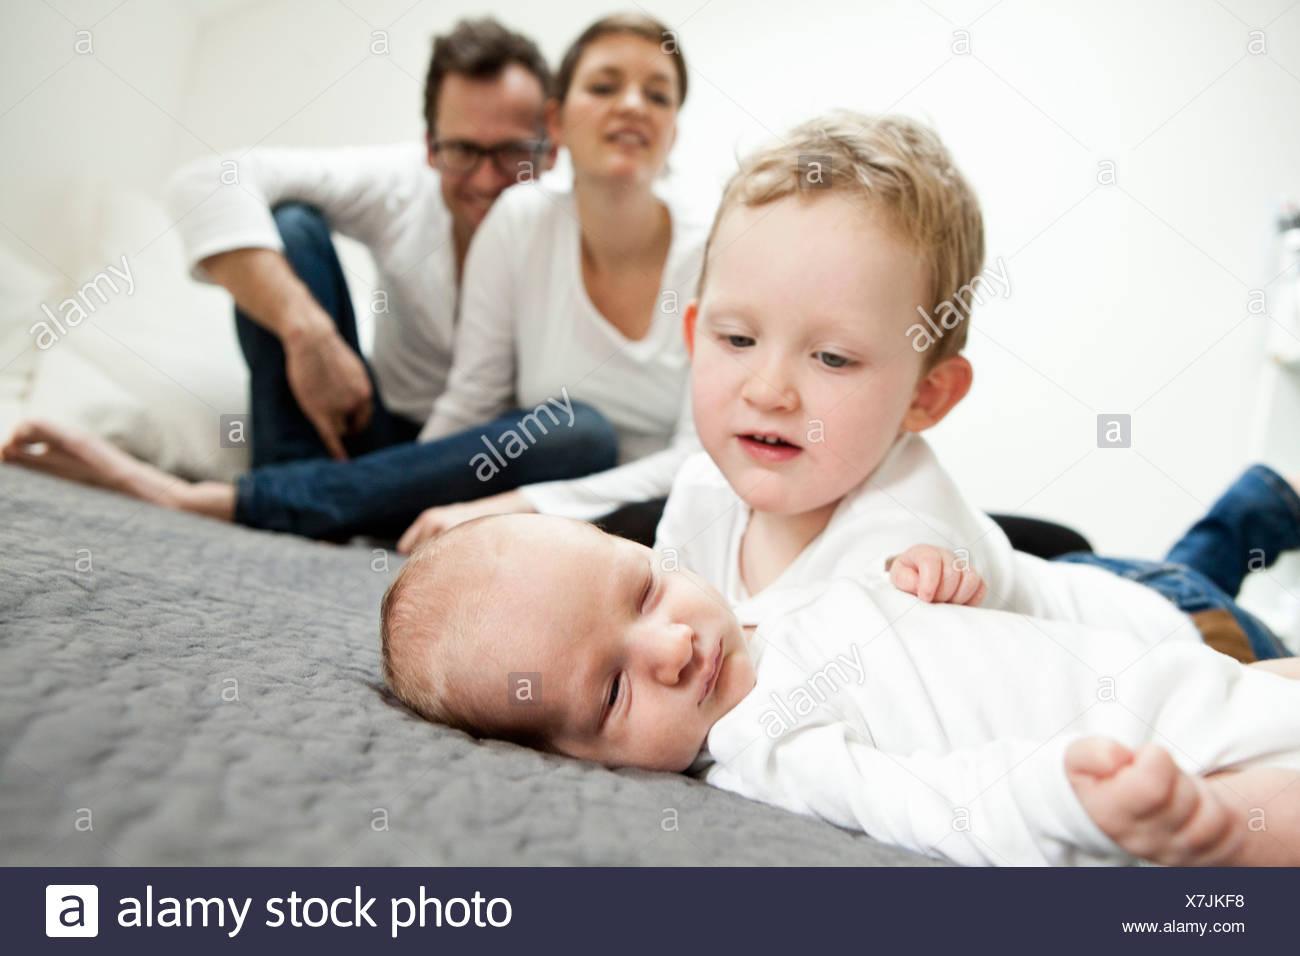 Ragazzo esaminando neonato fratello sul letto Immagini Stock